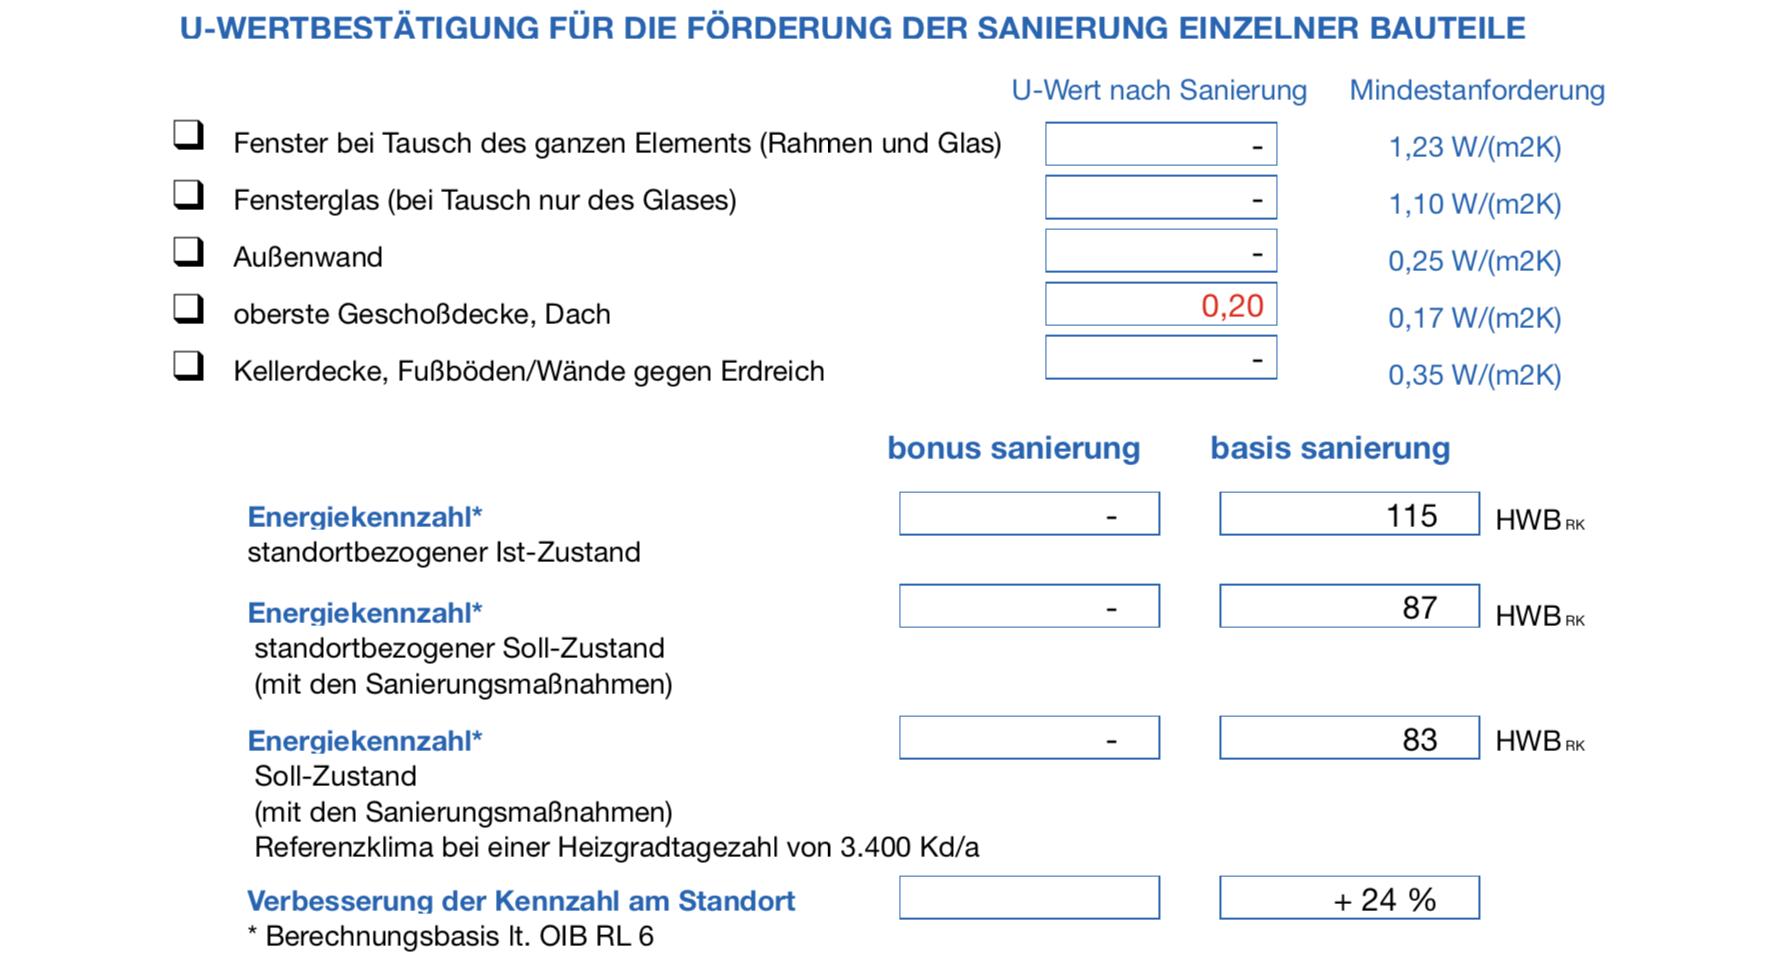 NÖ_WBF Basis Sanierung nicht erfüllt